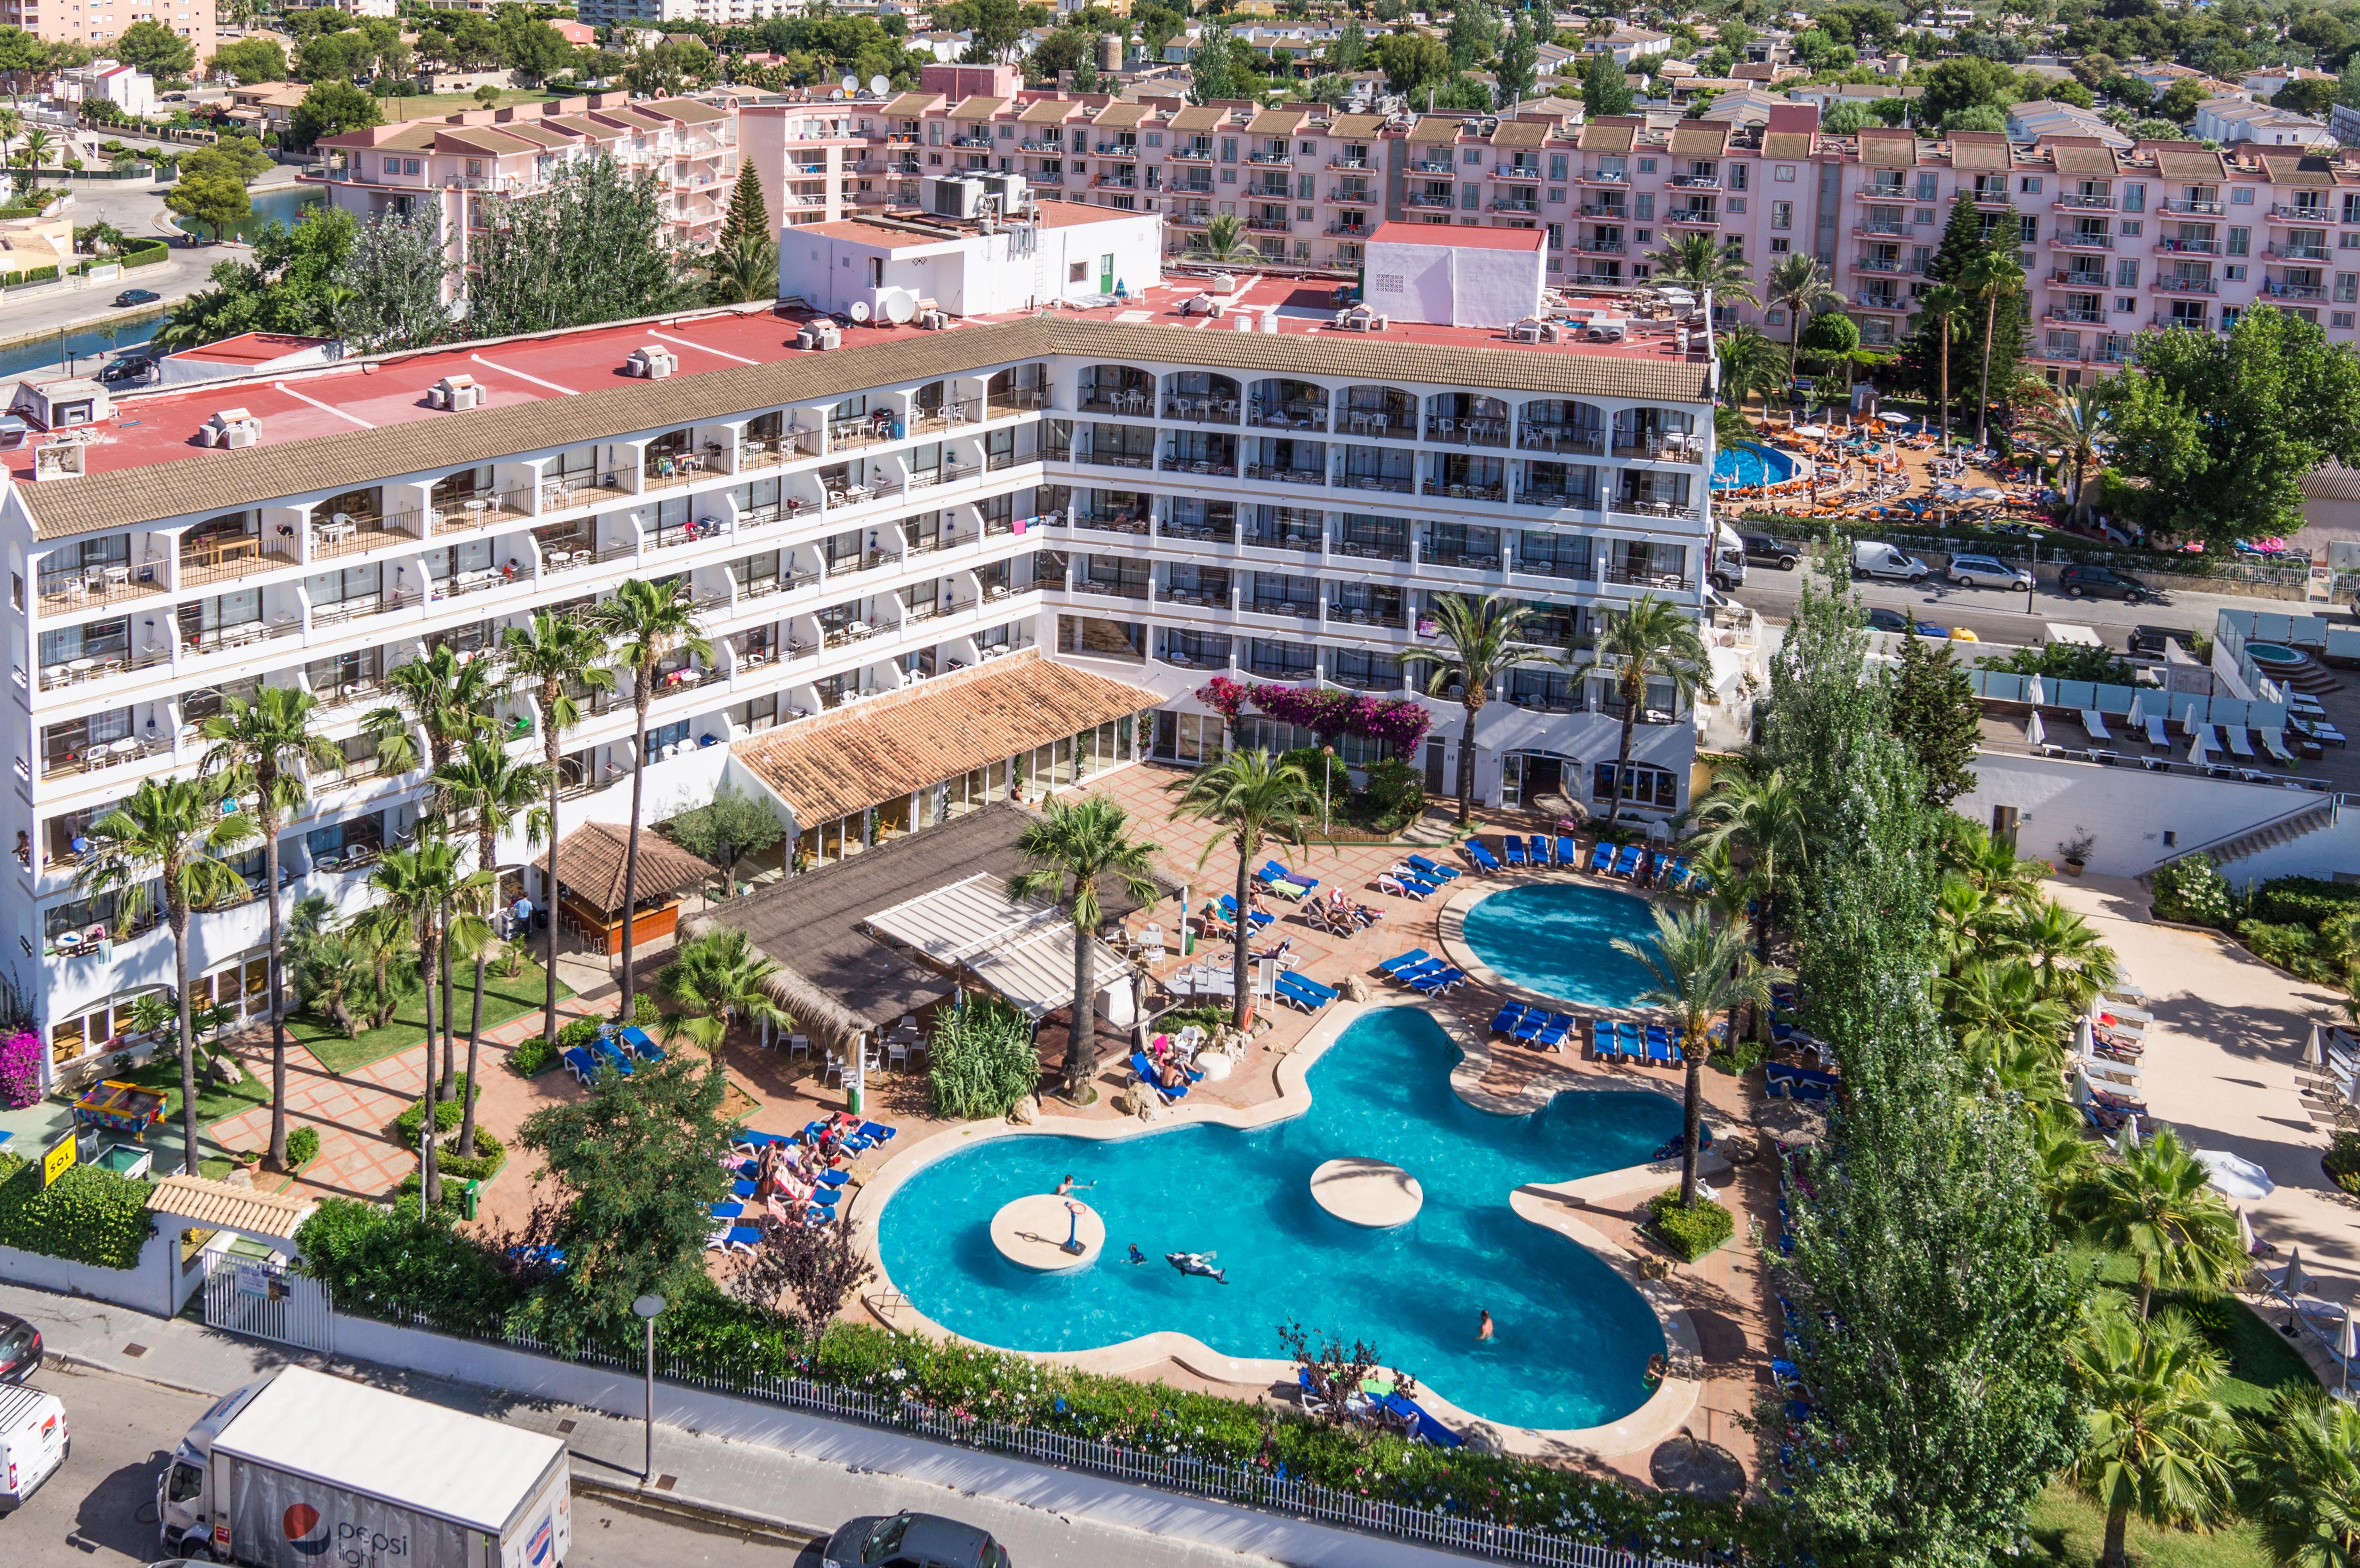 Foto aérea de un hotel con piscina